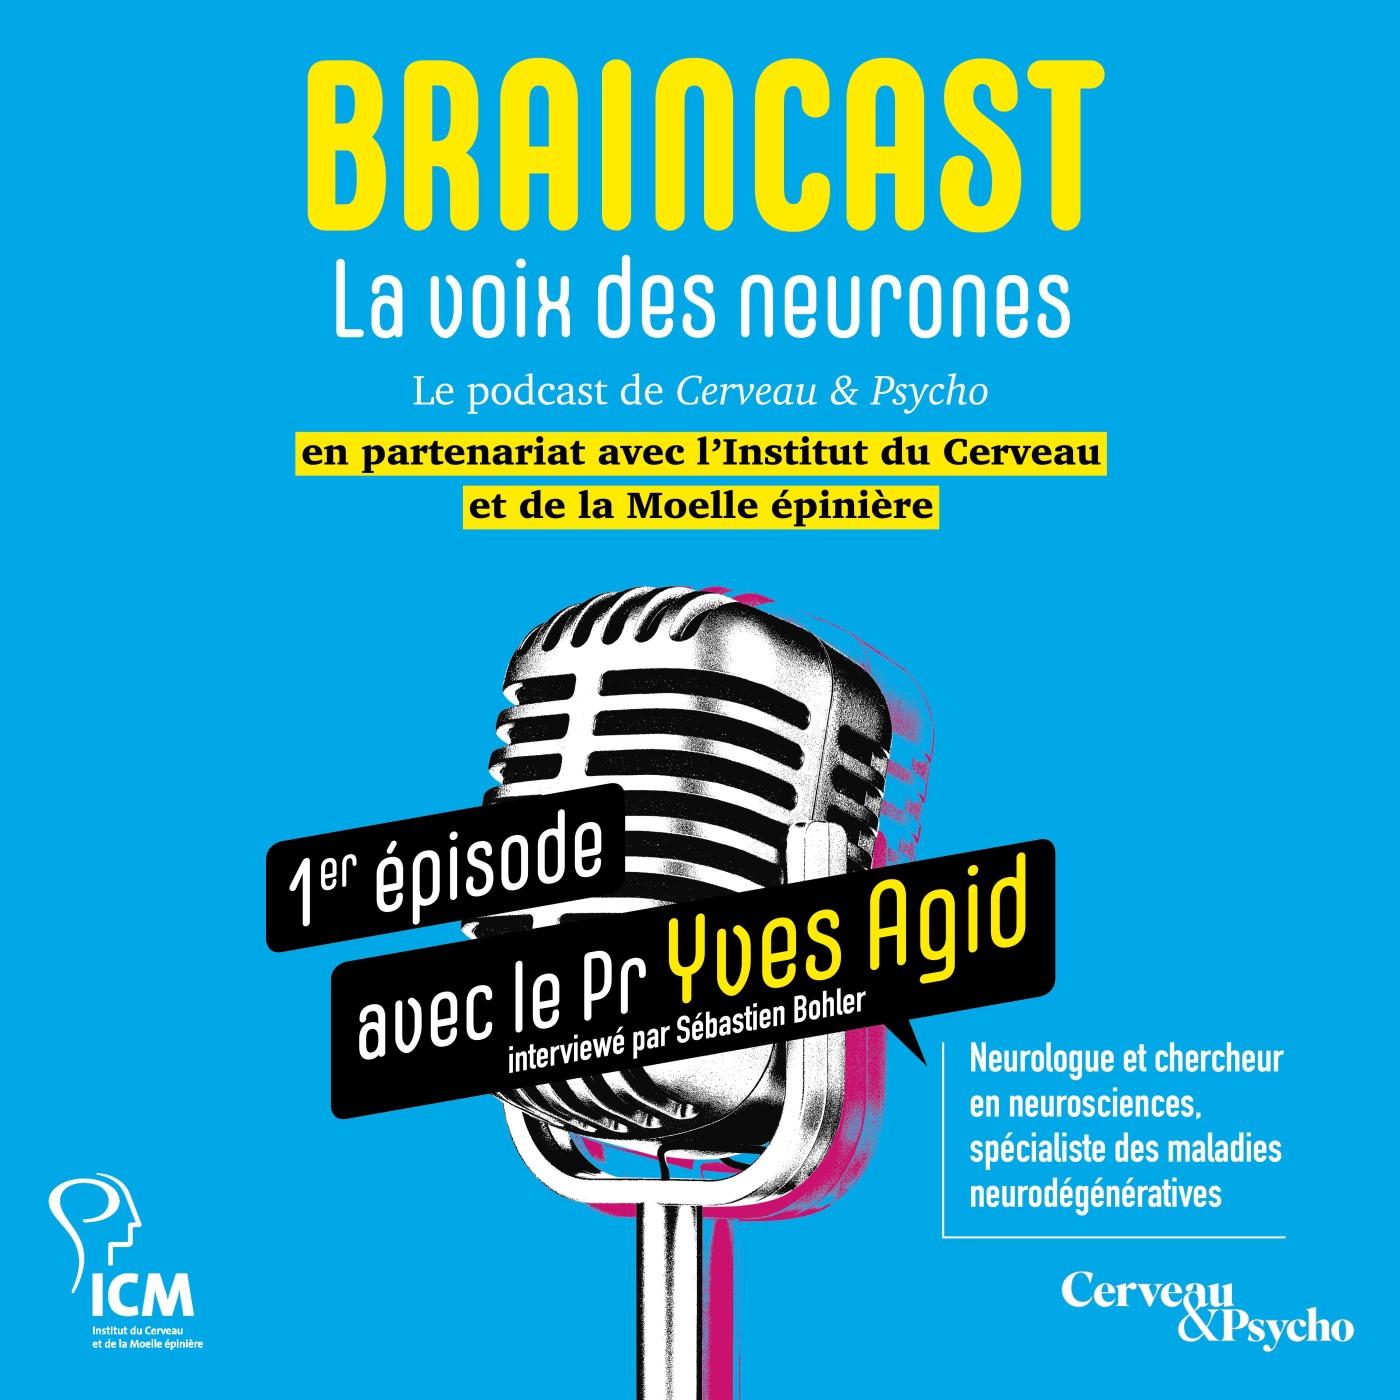 Yves Agid : « Comprendre comment le cerveau fabrique la pensée »